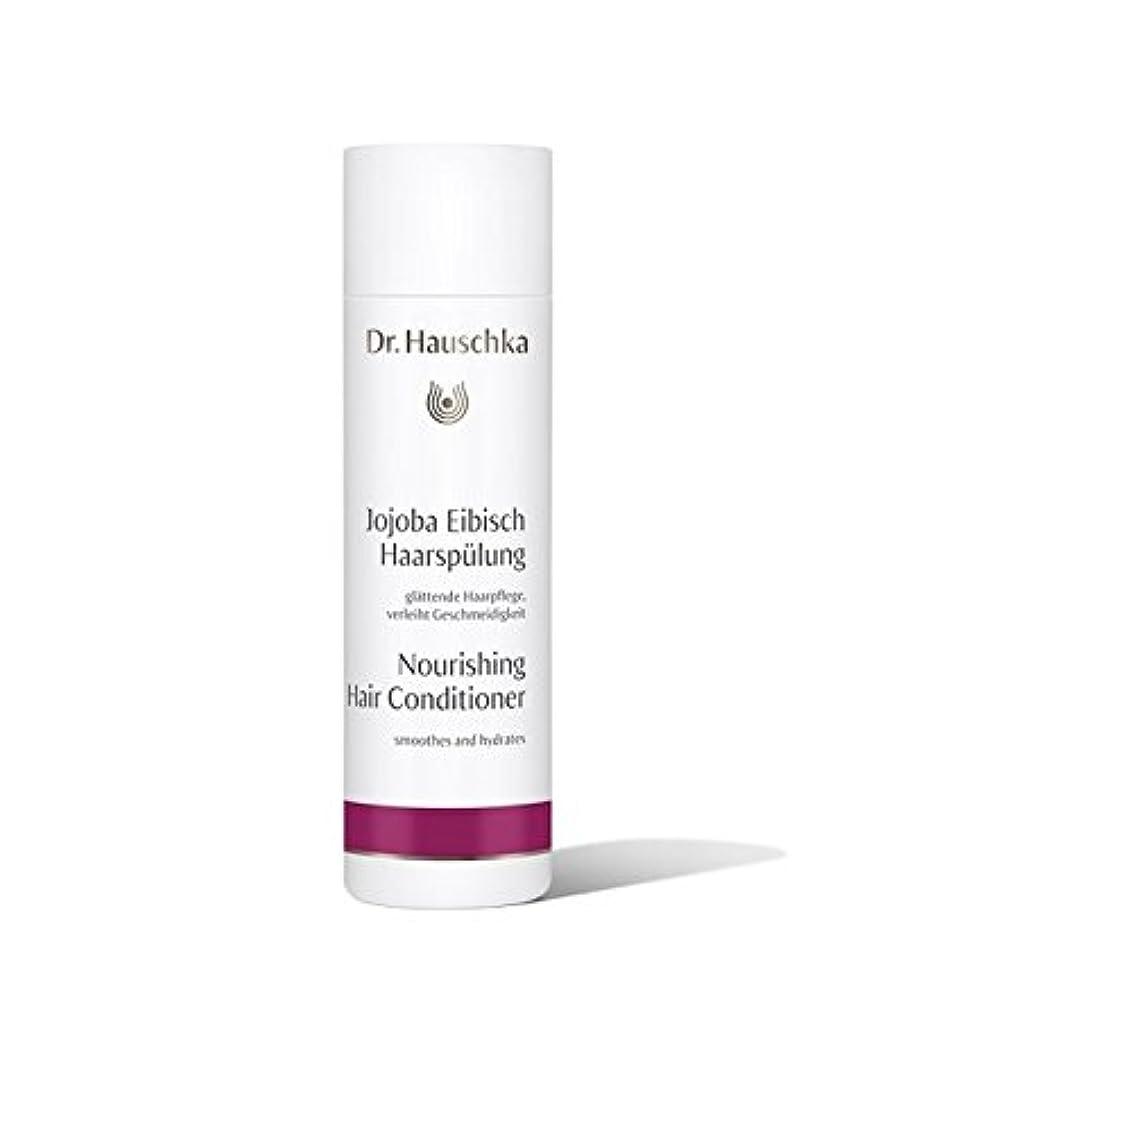 羨望軽量種Dr. Hauschka Nourishing Hair Conditioner (200ml) (Pack of 6) - ハウシュカ栄養ヘアコンディショナー(200ミリリットル) x6 [並行輸入品]